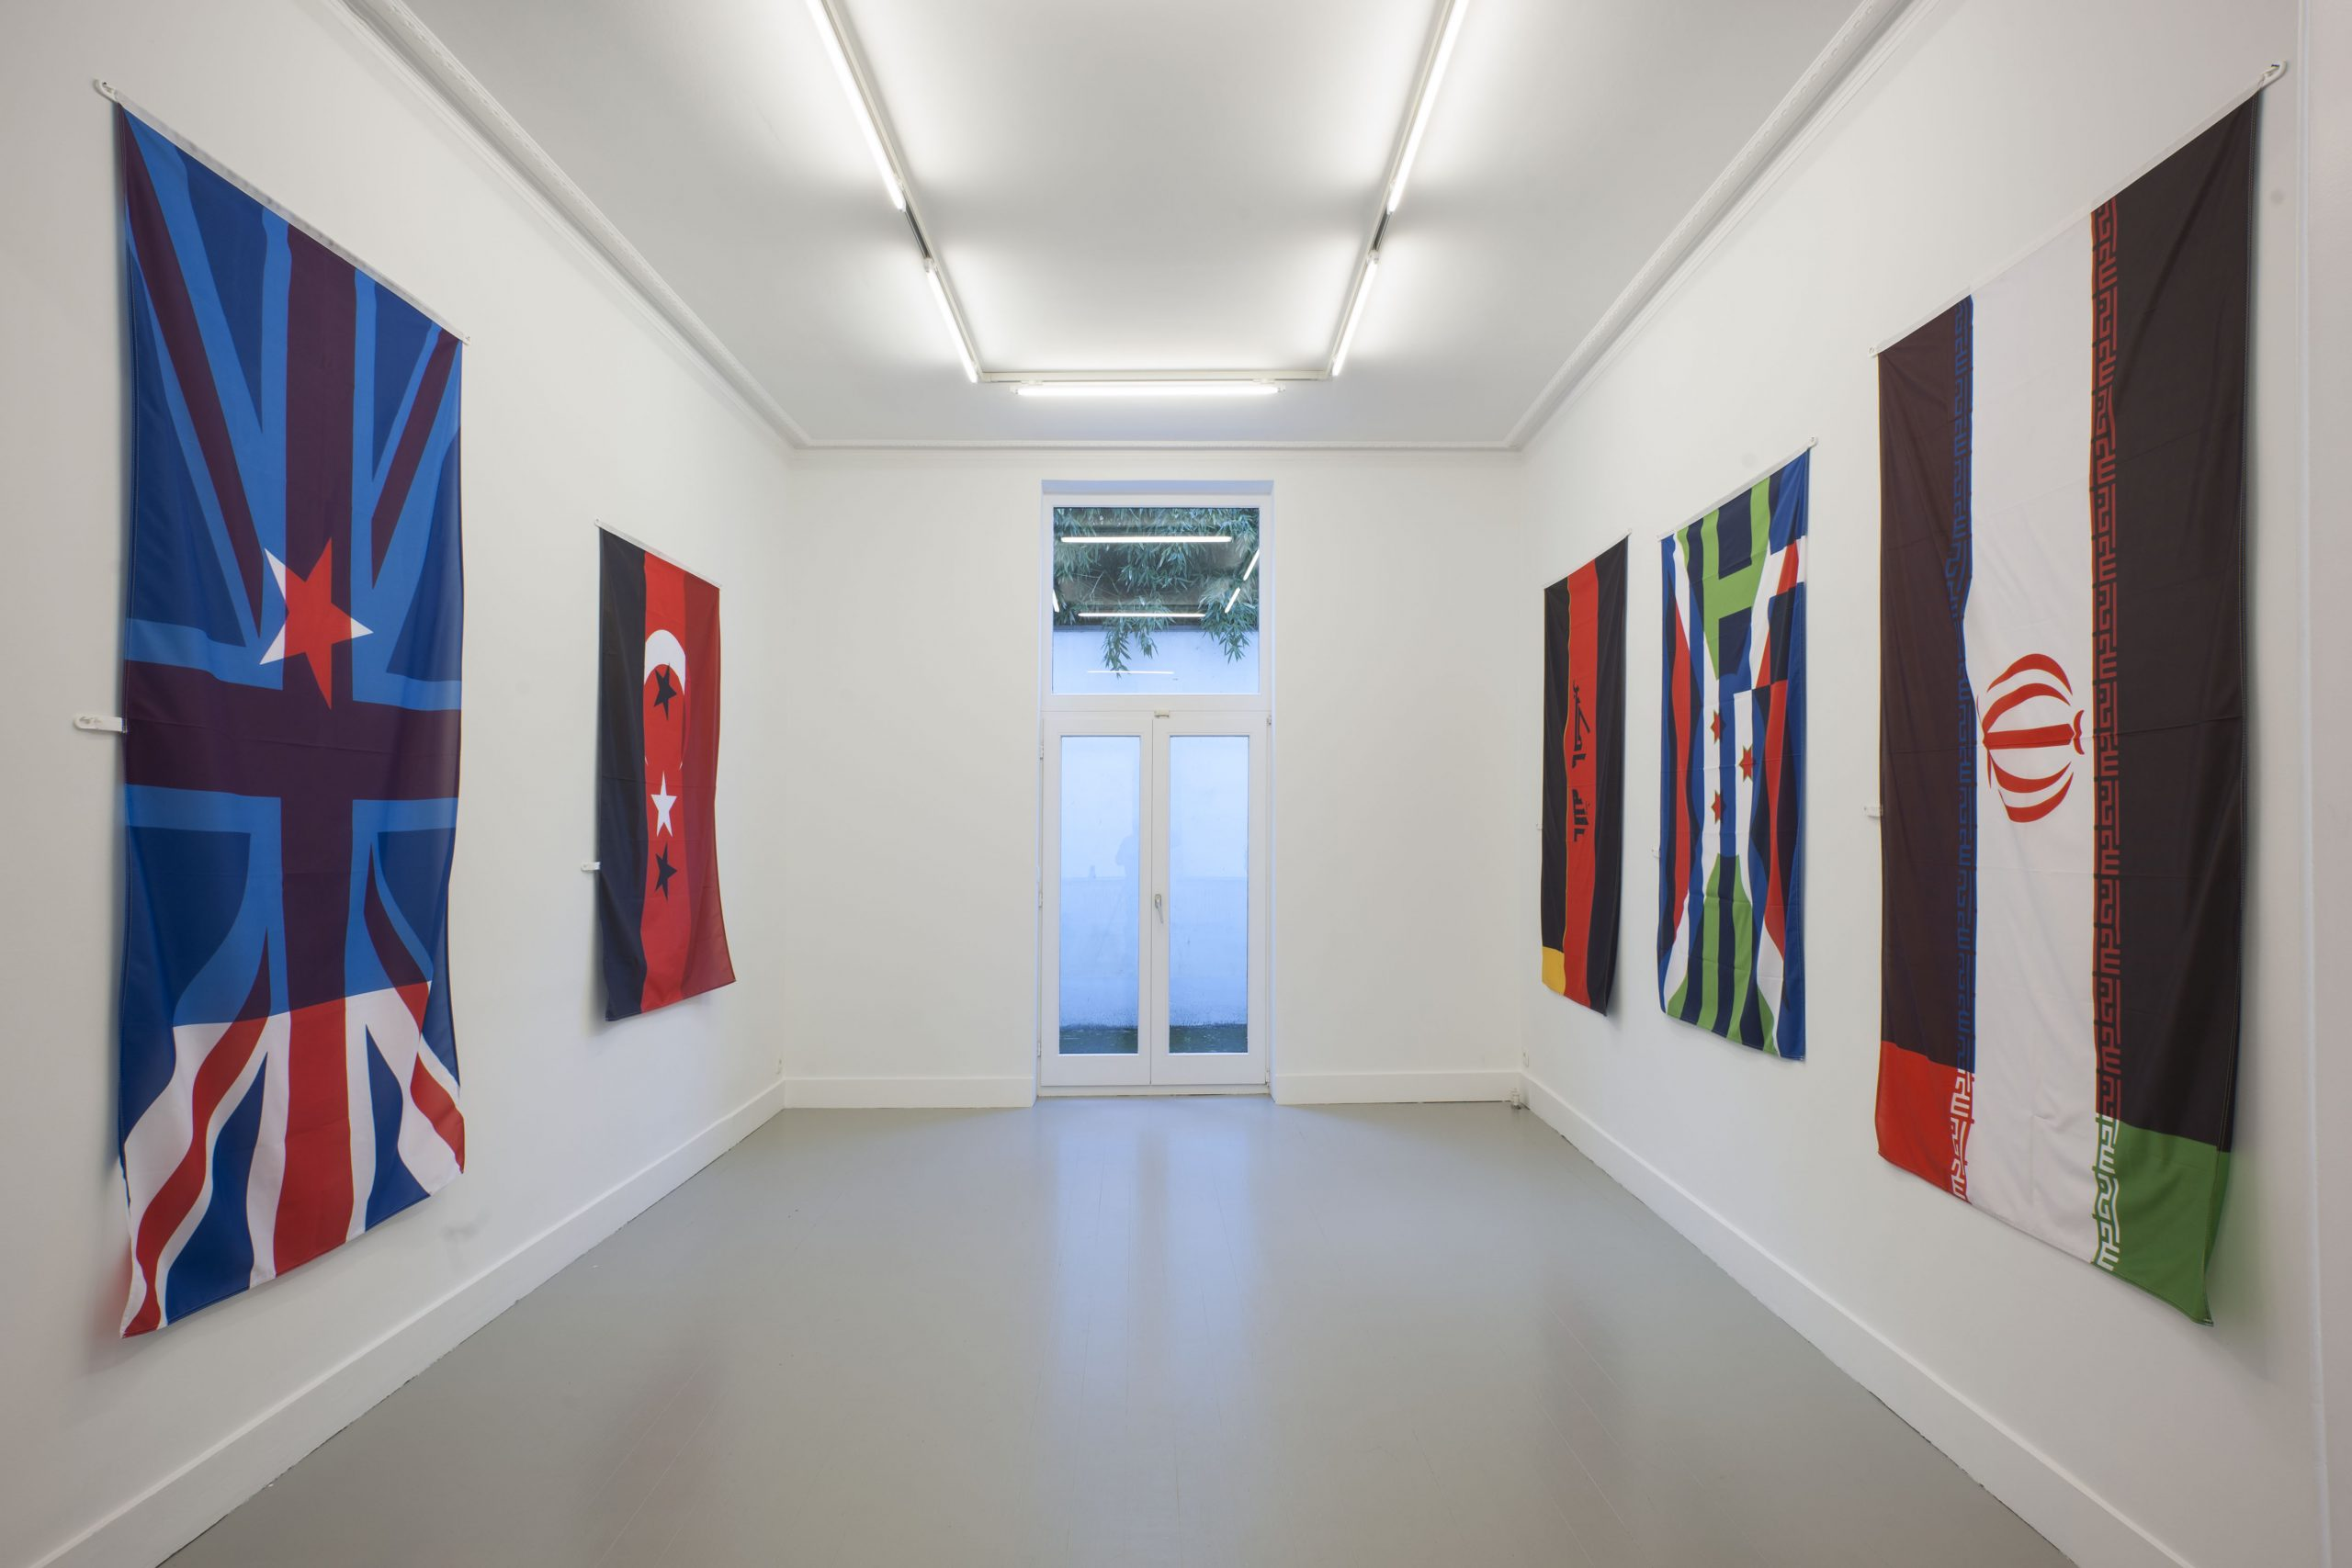 Pierre Bismuth, installation view at Jan Mot, 2019